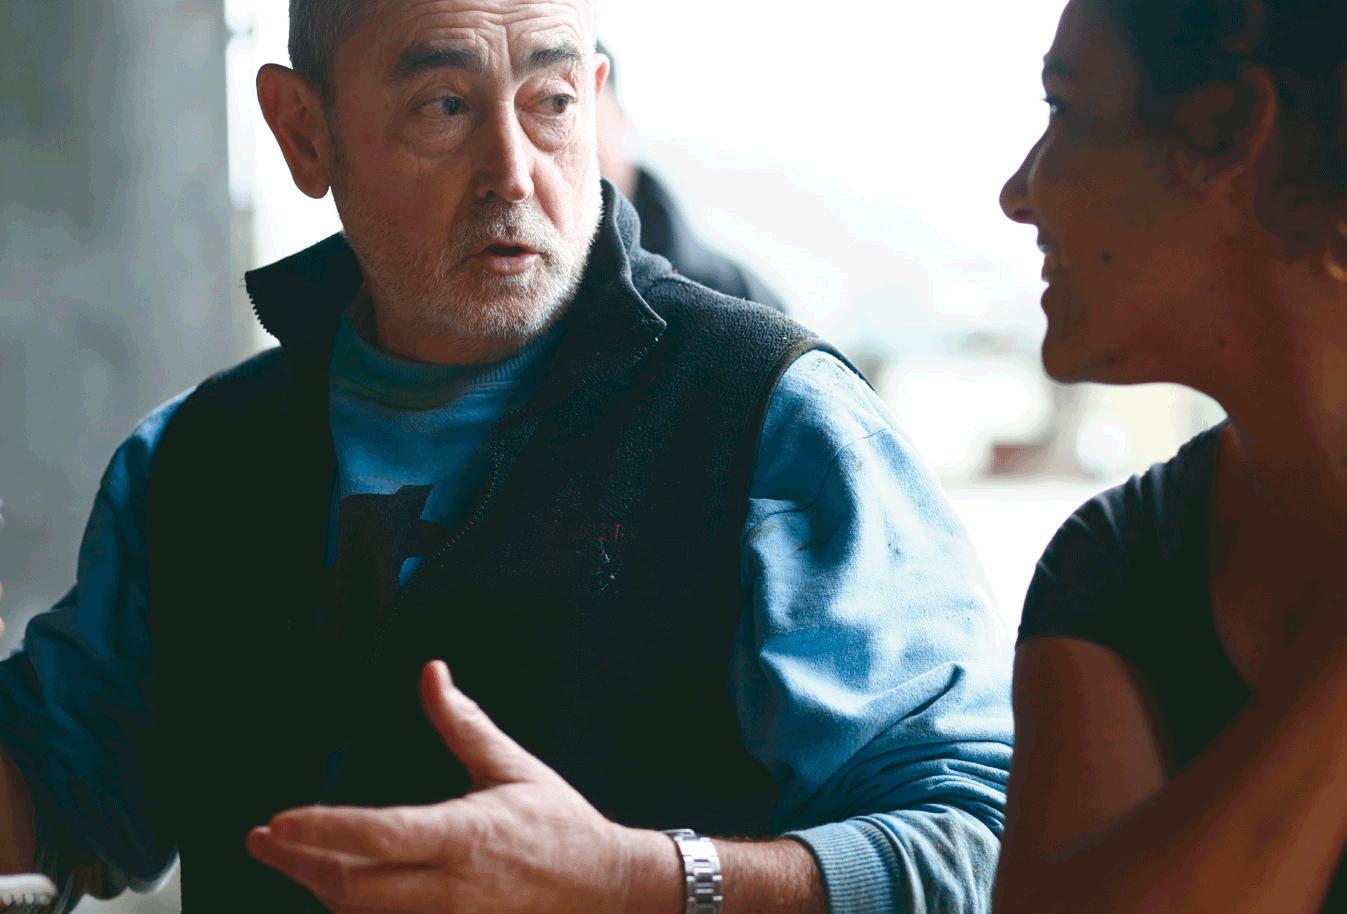 Iñaki, recientemente jubilado, ha trabajado 45 años como carnicero y ganadero